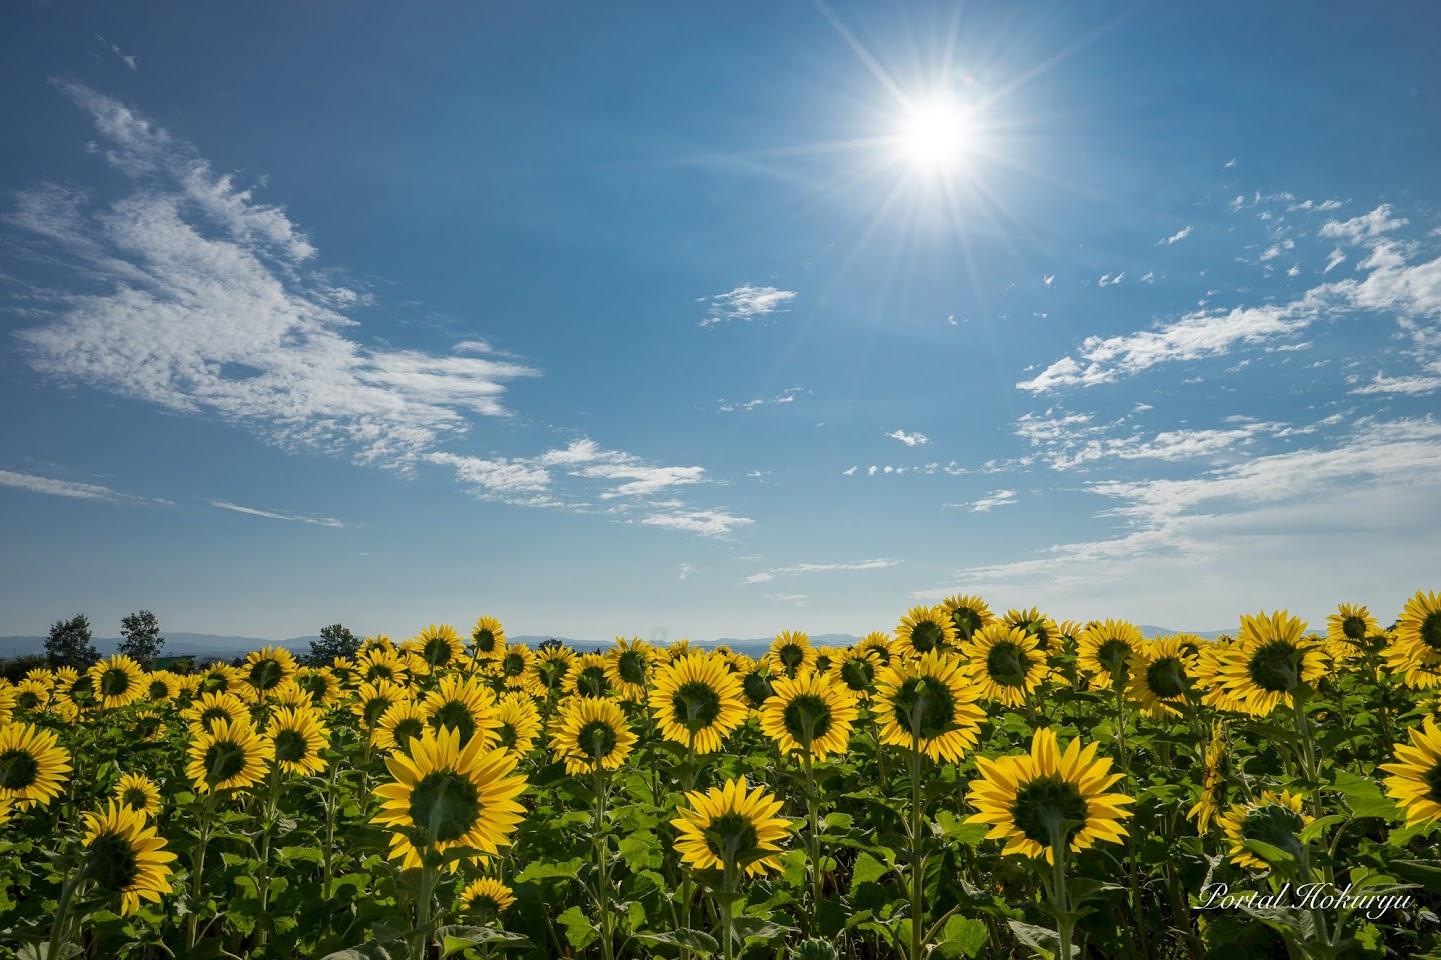 太陽パワーを仰ぐひまわりさん!